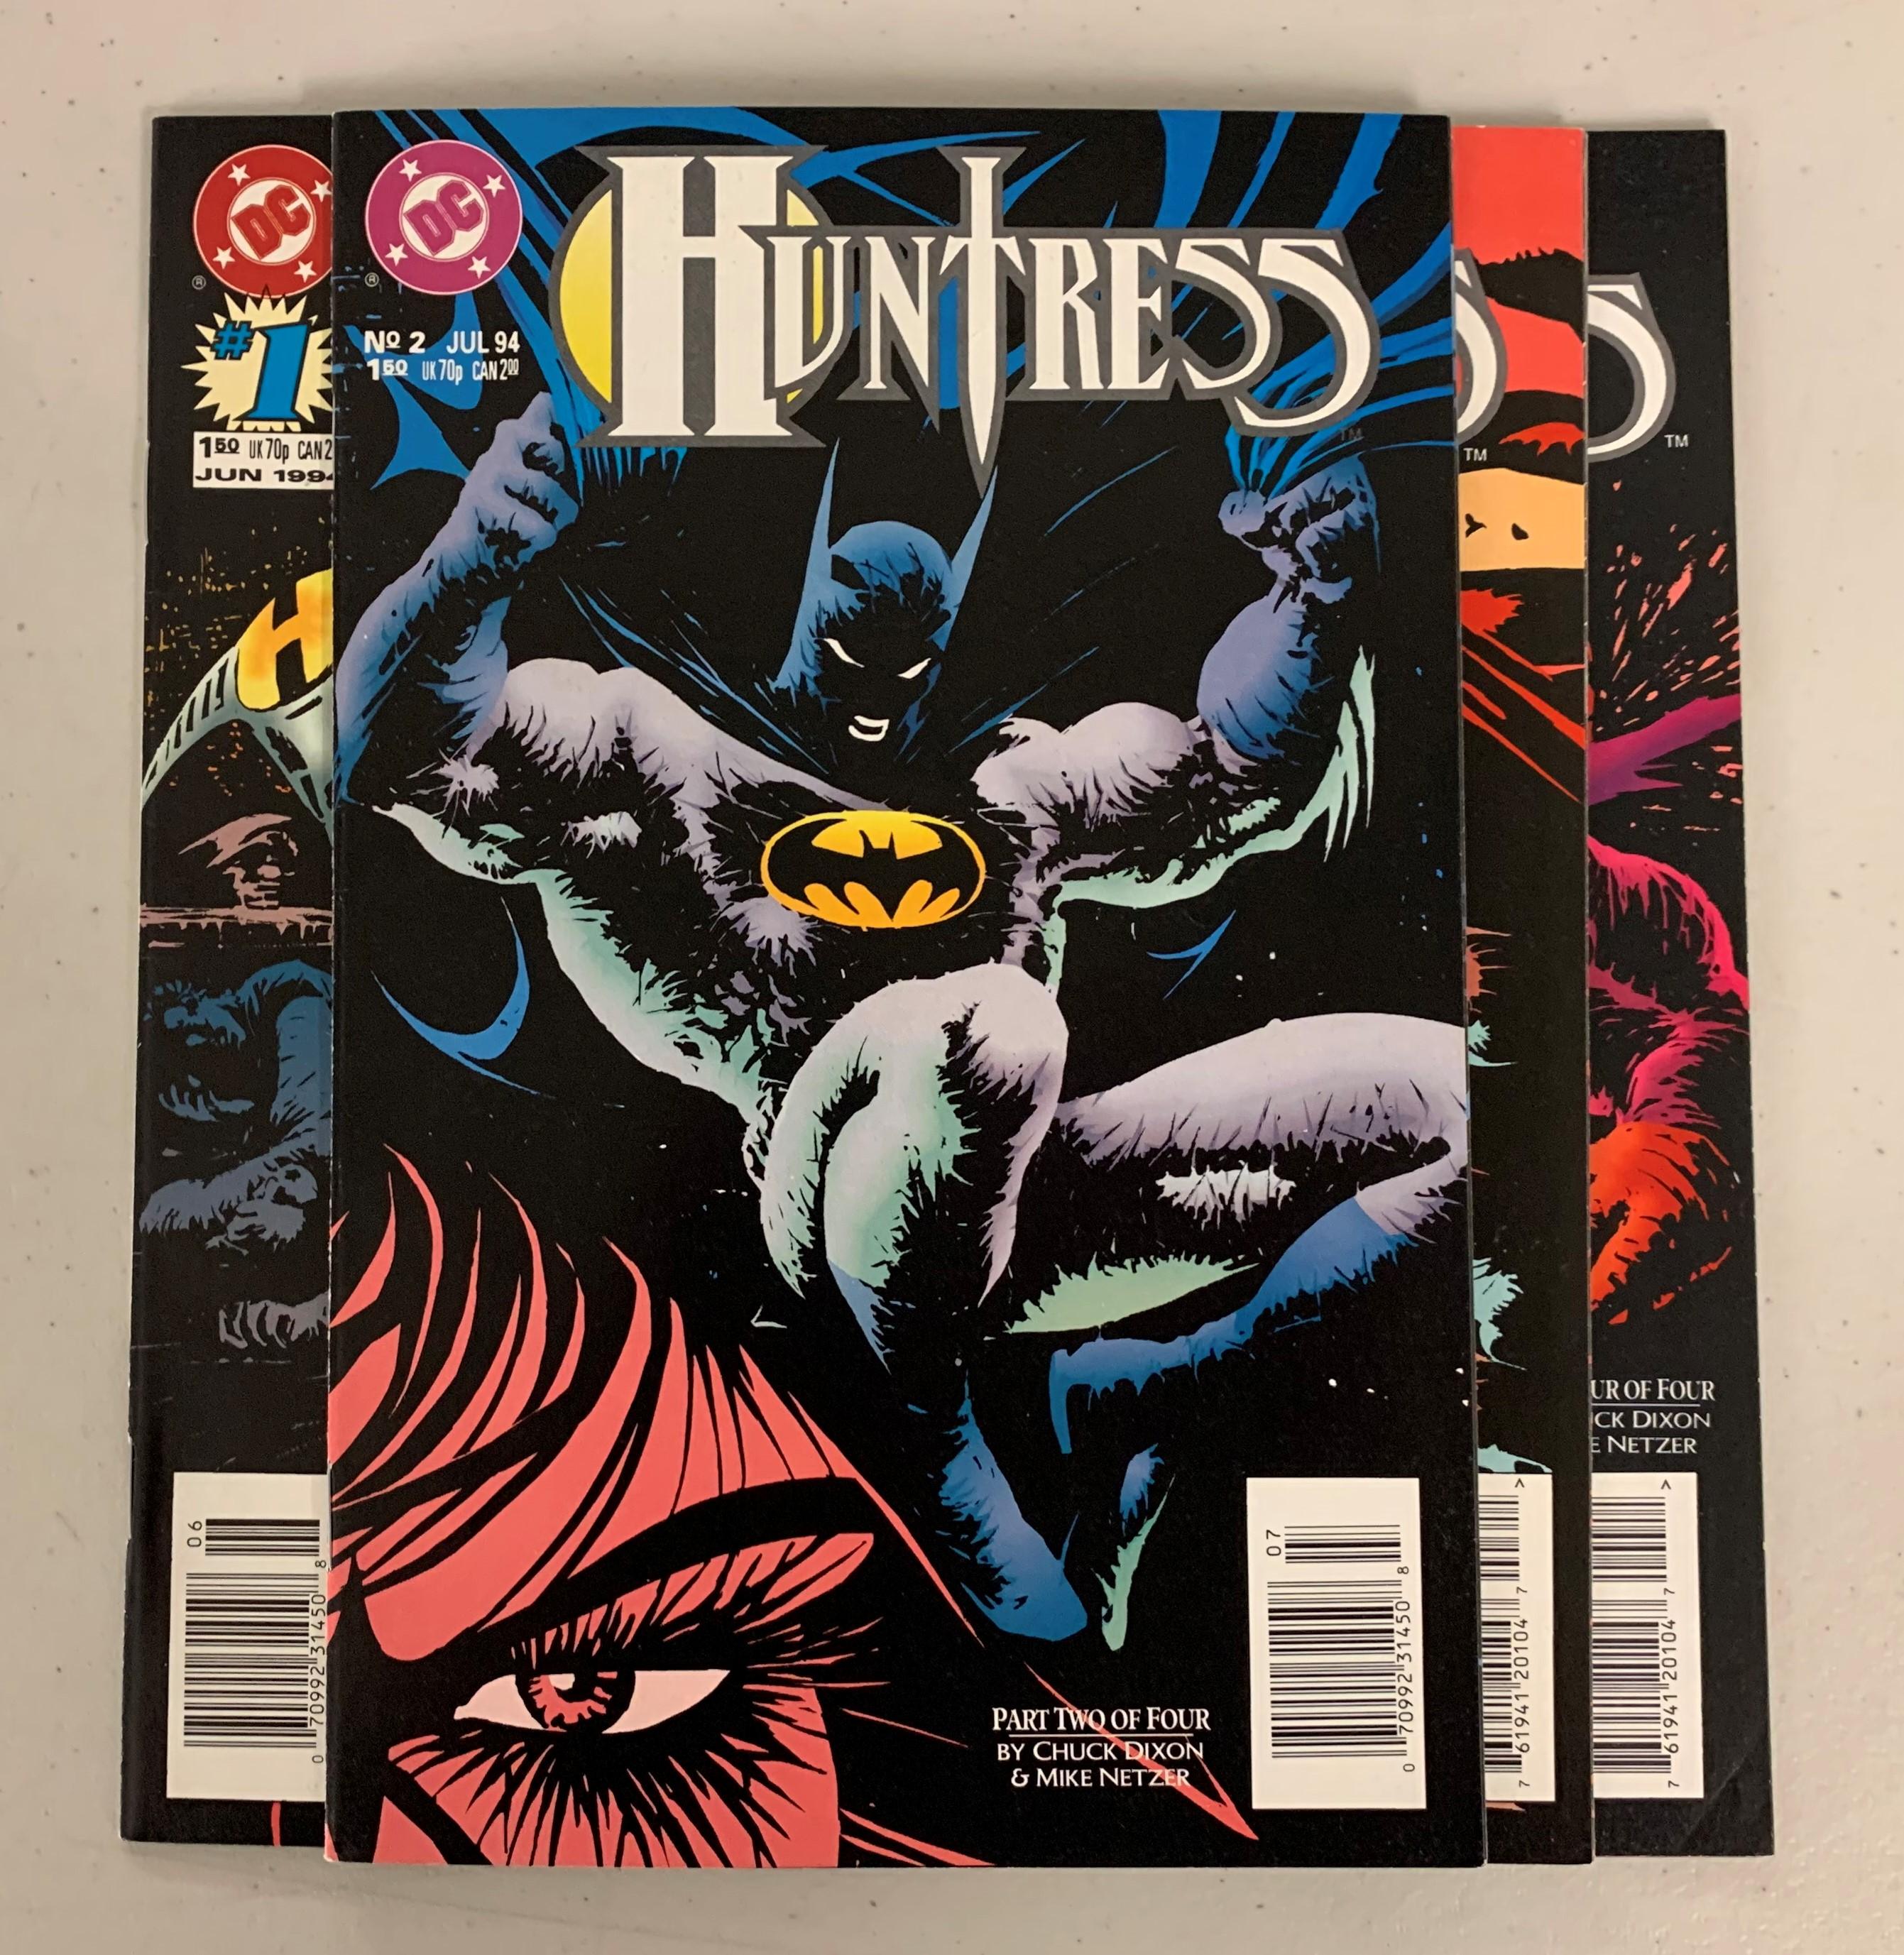 Huntress (DC 1994) #1-4 Set Chuck Dixon 1 2 3 4 (8.0-9.0)